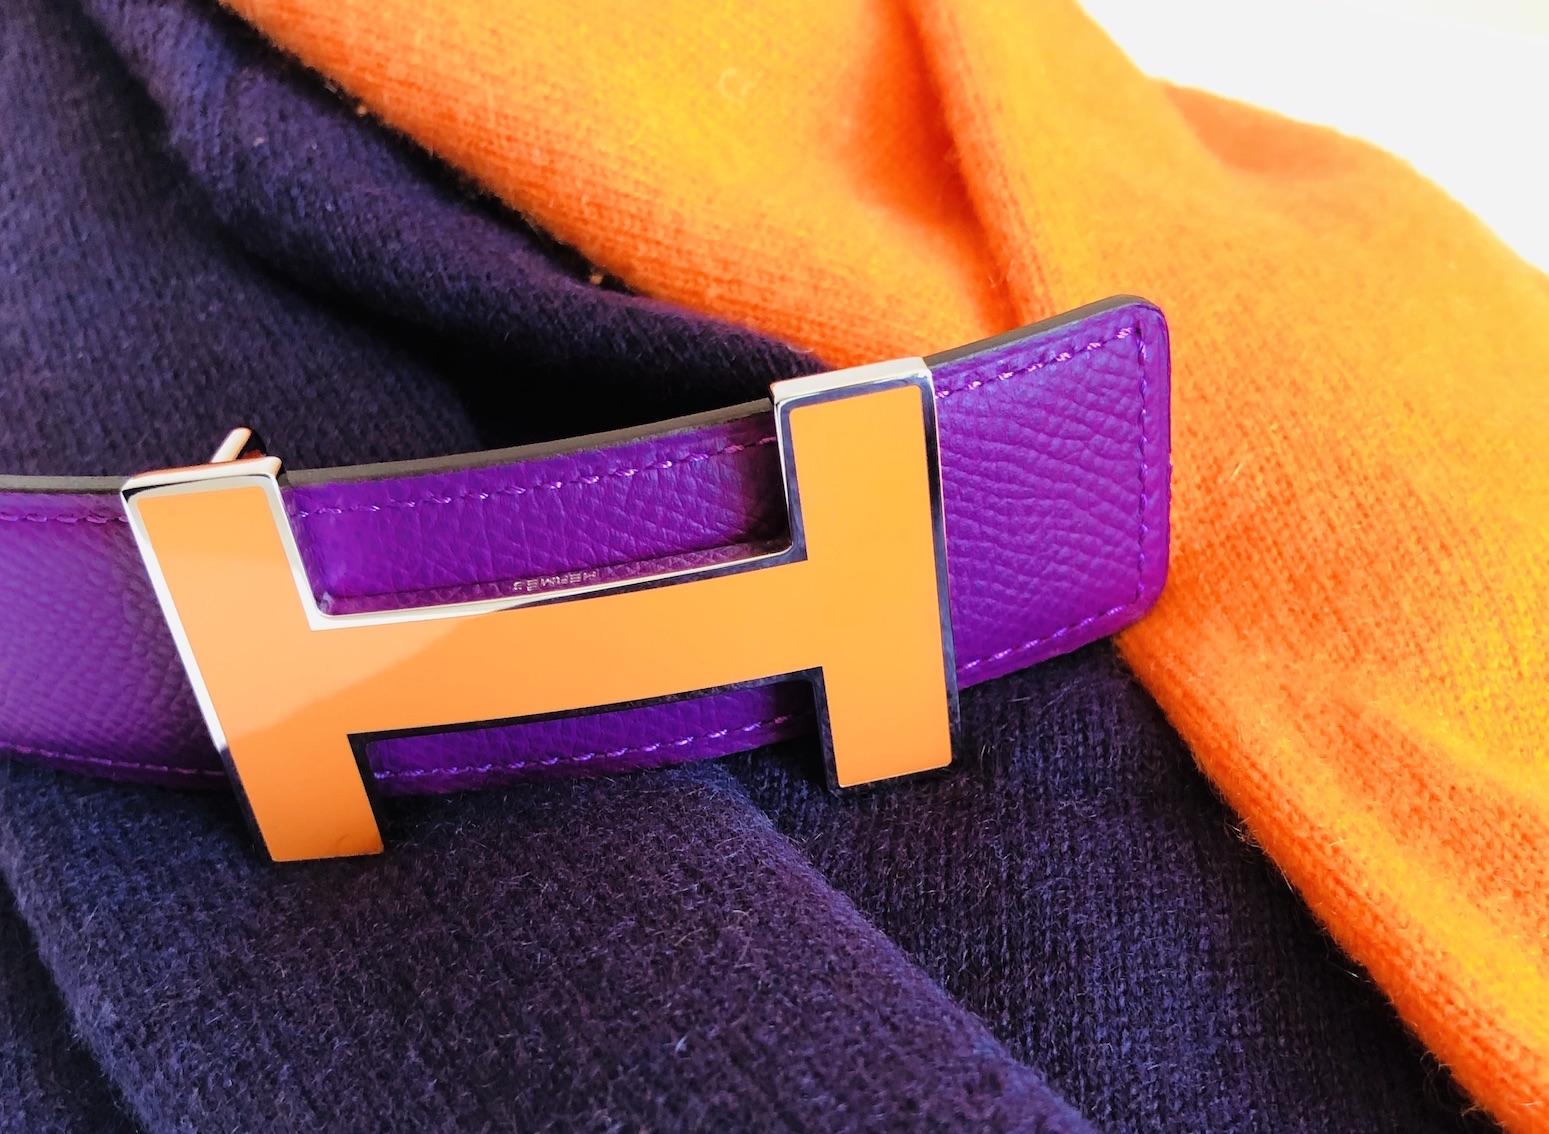 violett orange kaschmirpullover hermes guertel und h schliesse